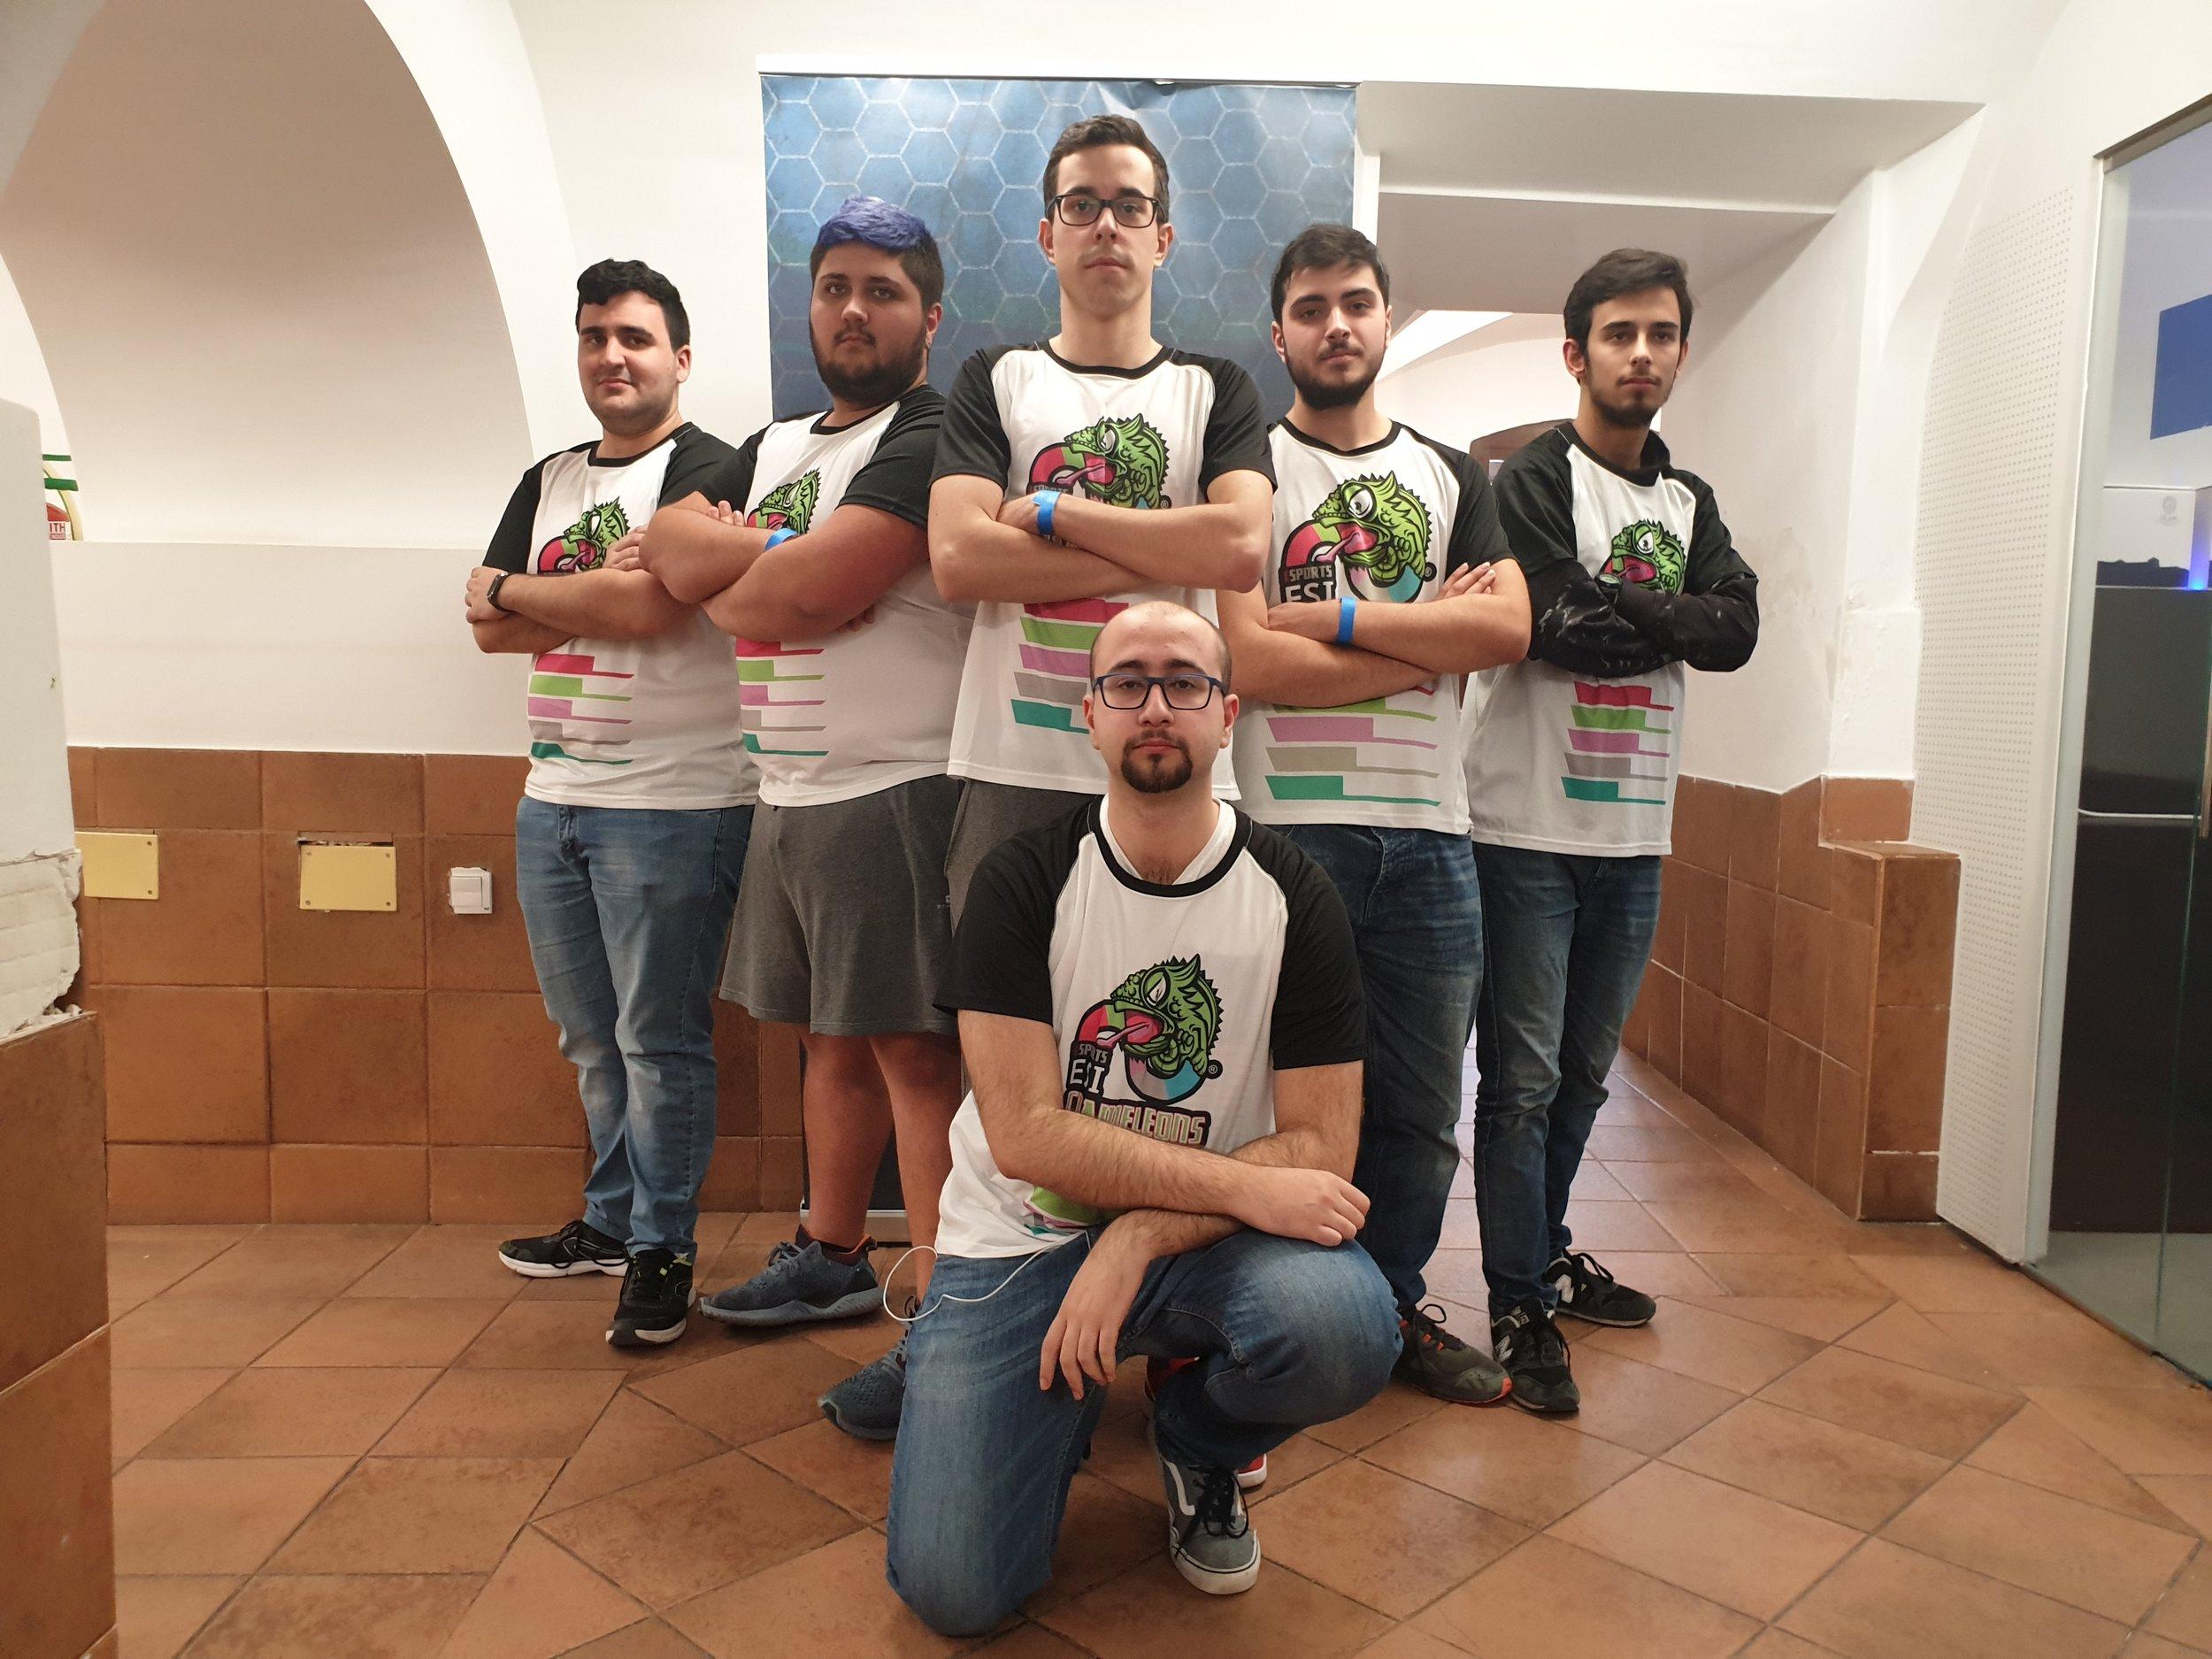 """Foto: Javier Amorós García - En la foto: Equipo ESI """"CHAMELEONS"""" posando con todos sus integrantes."""